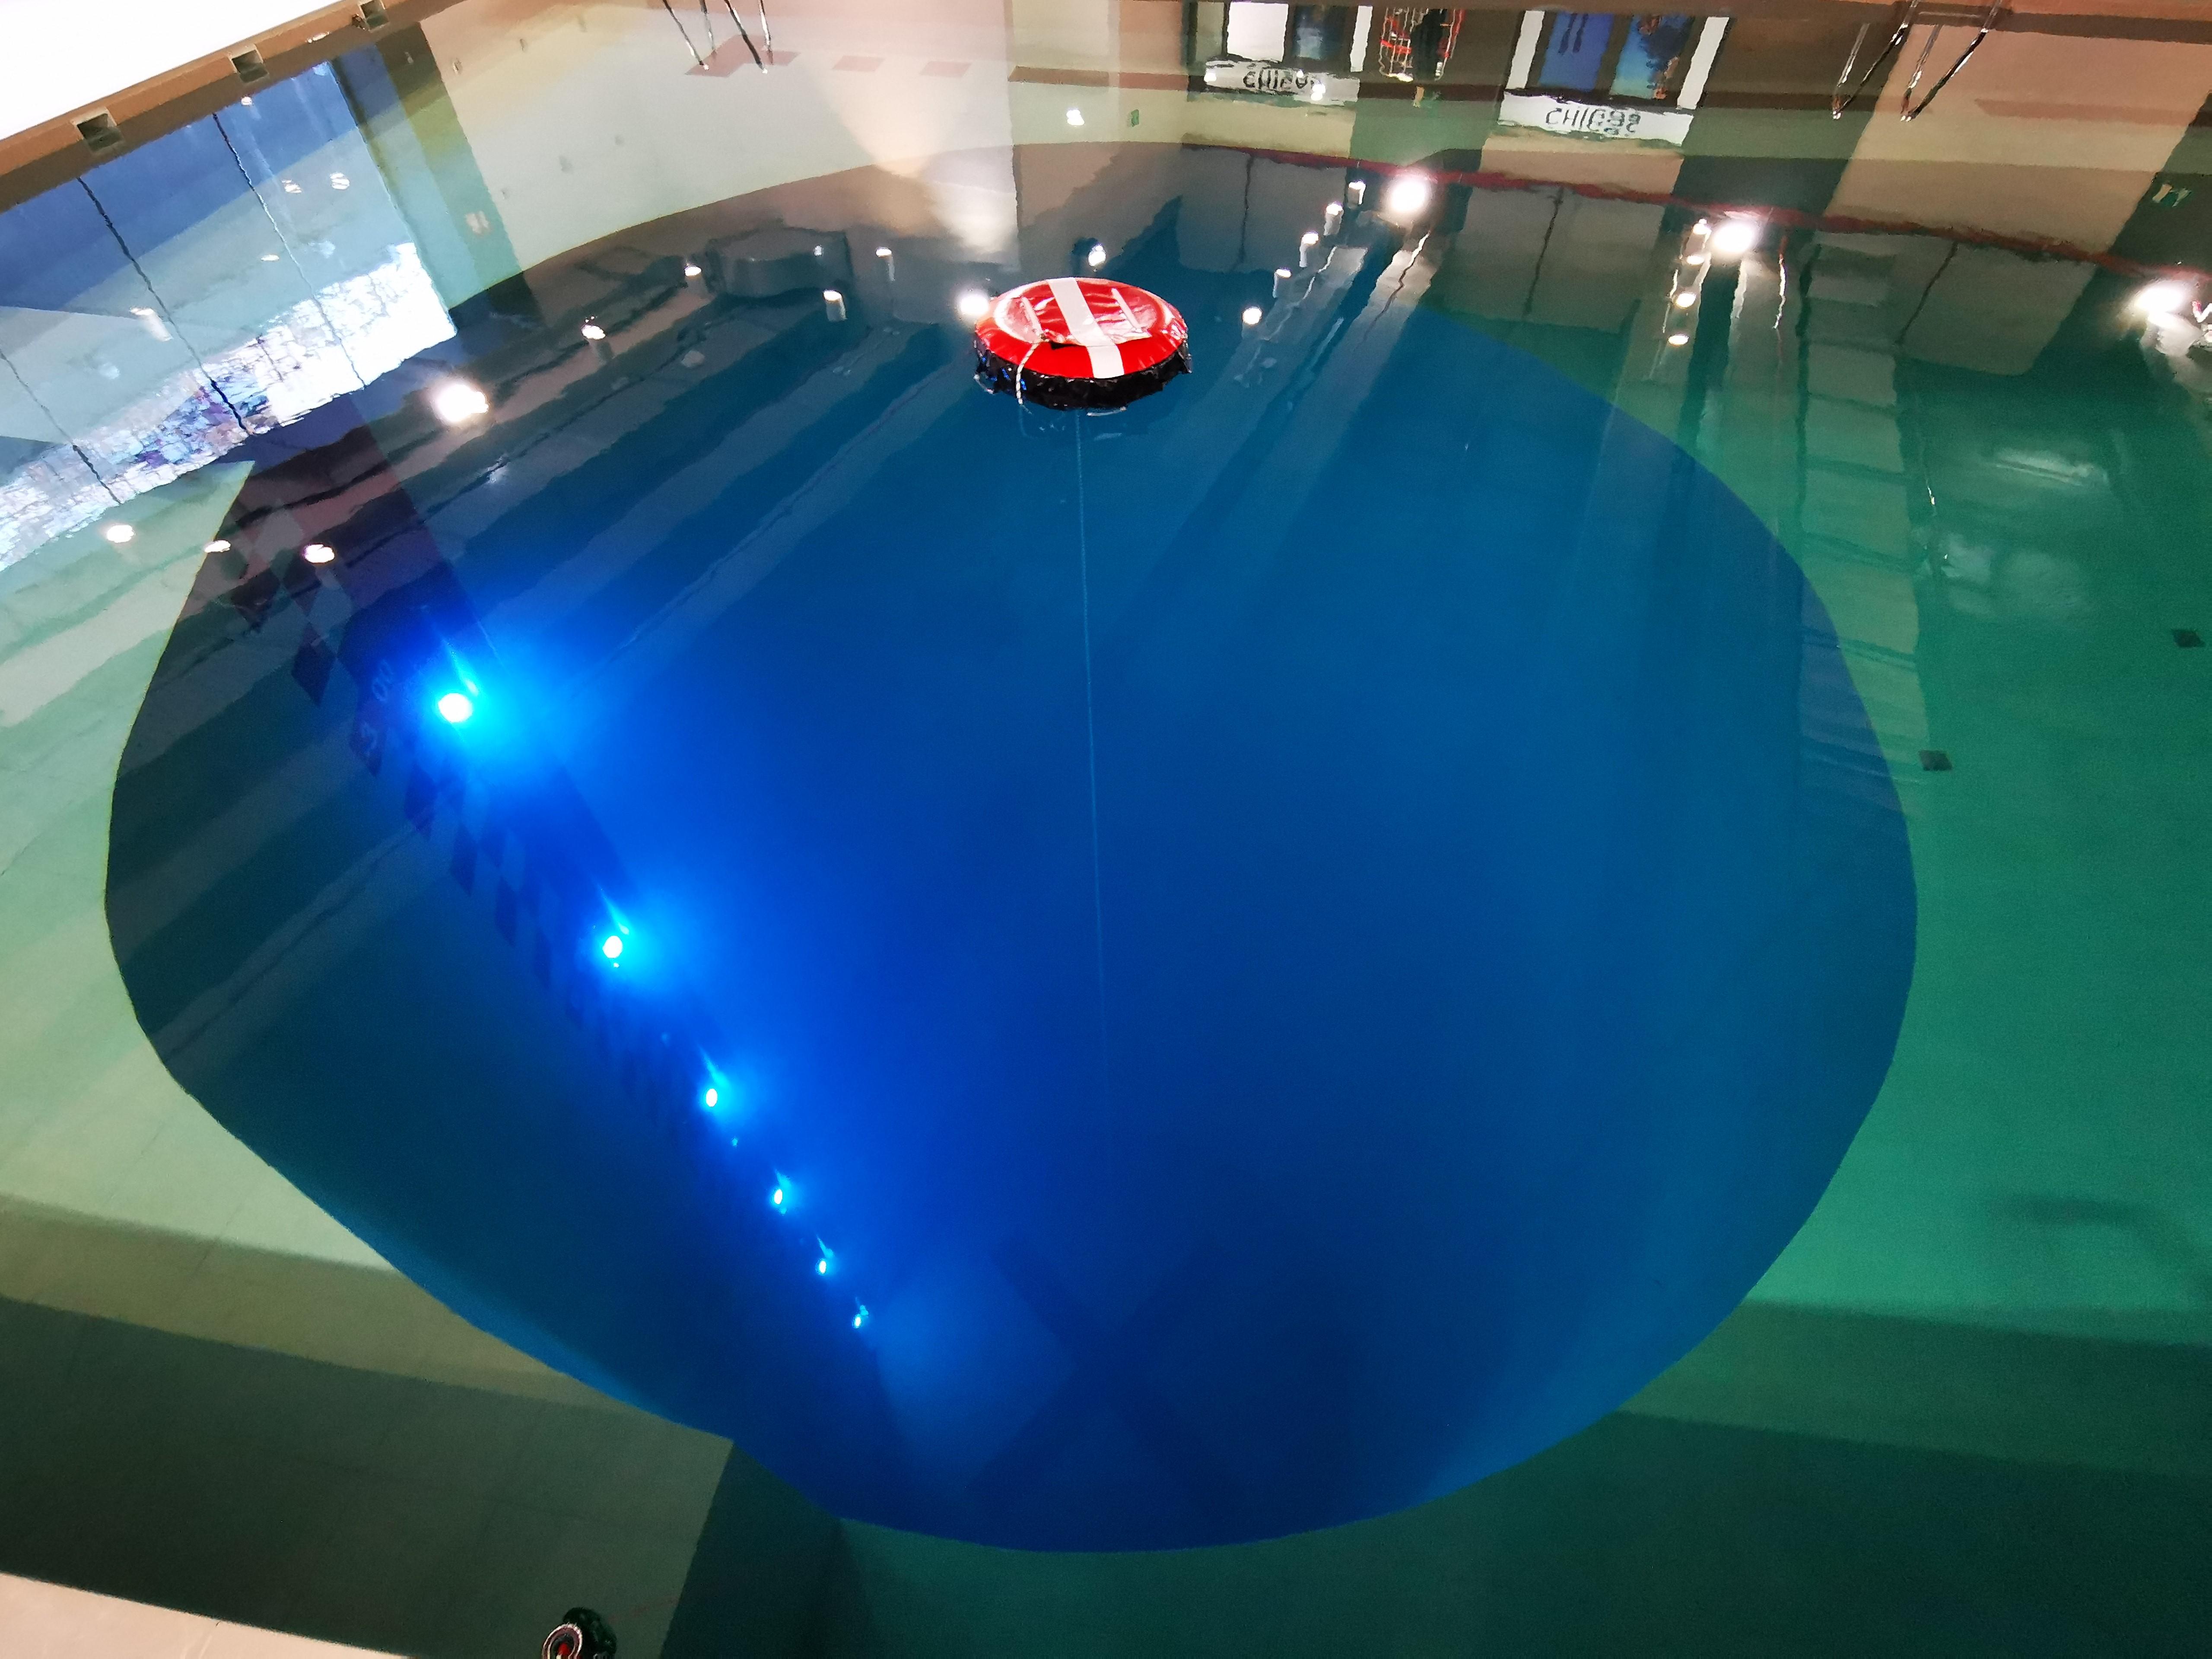 Marepolis estrena instalaciones y abre la piscina más profunda de España